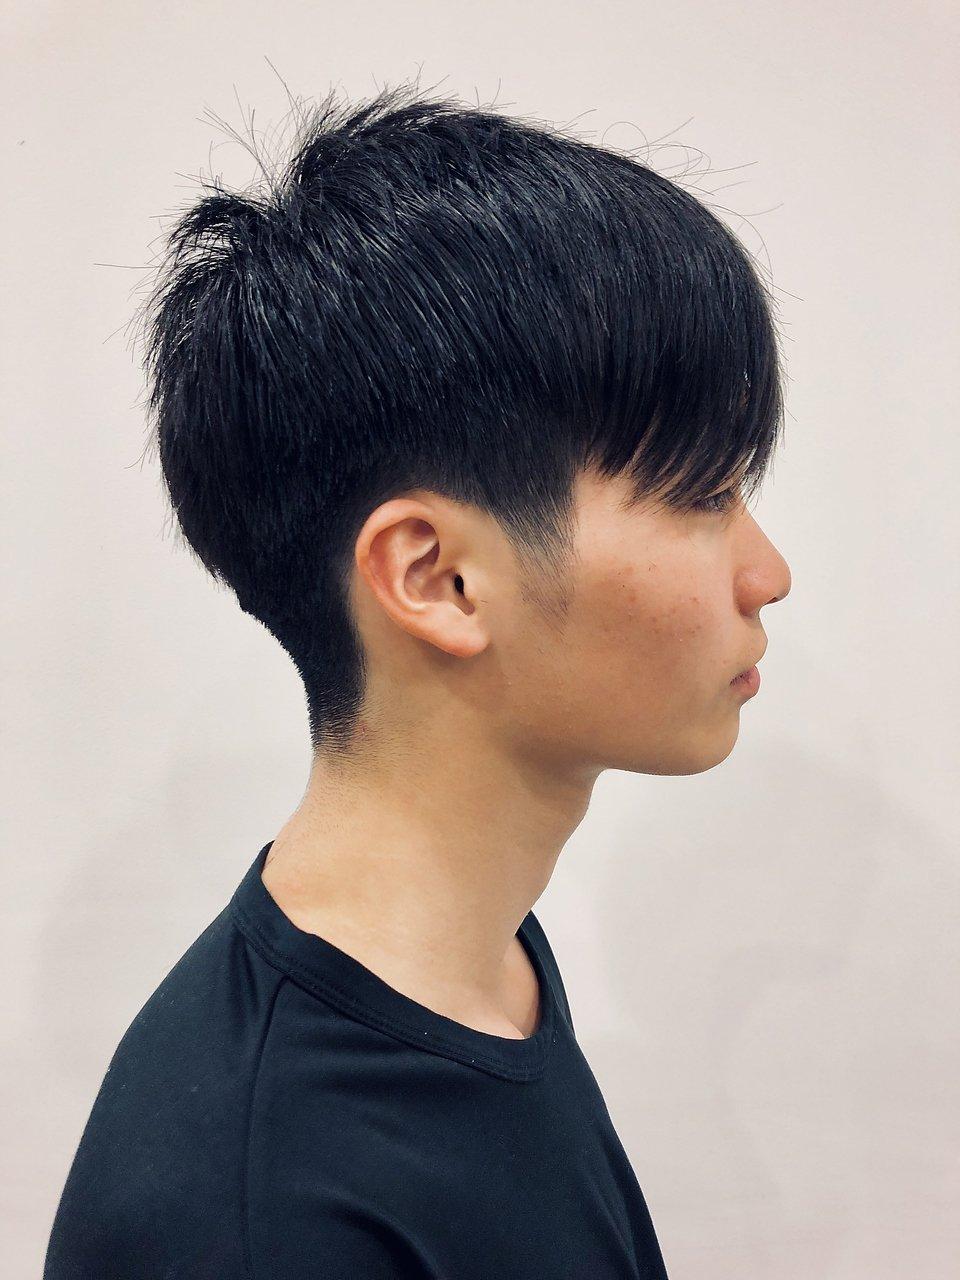 中学生 男子 髪型 中学生男子におススメの髪型♪ -